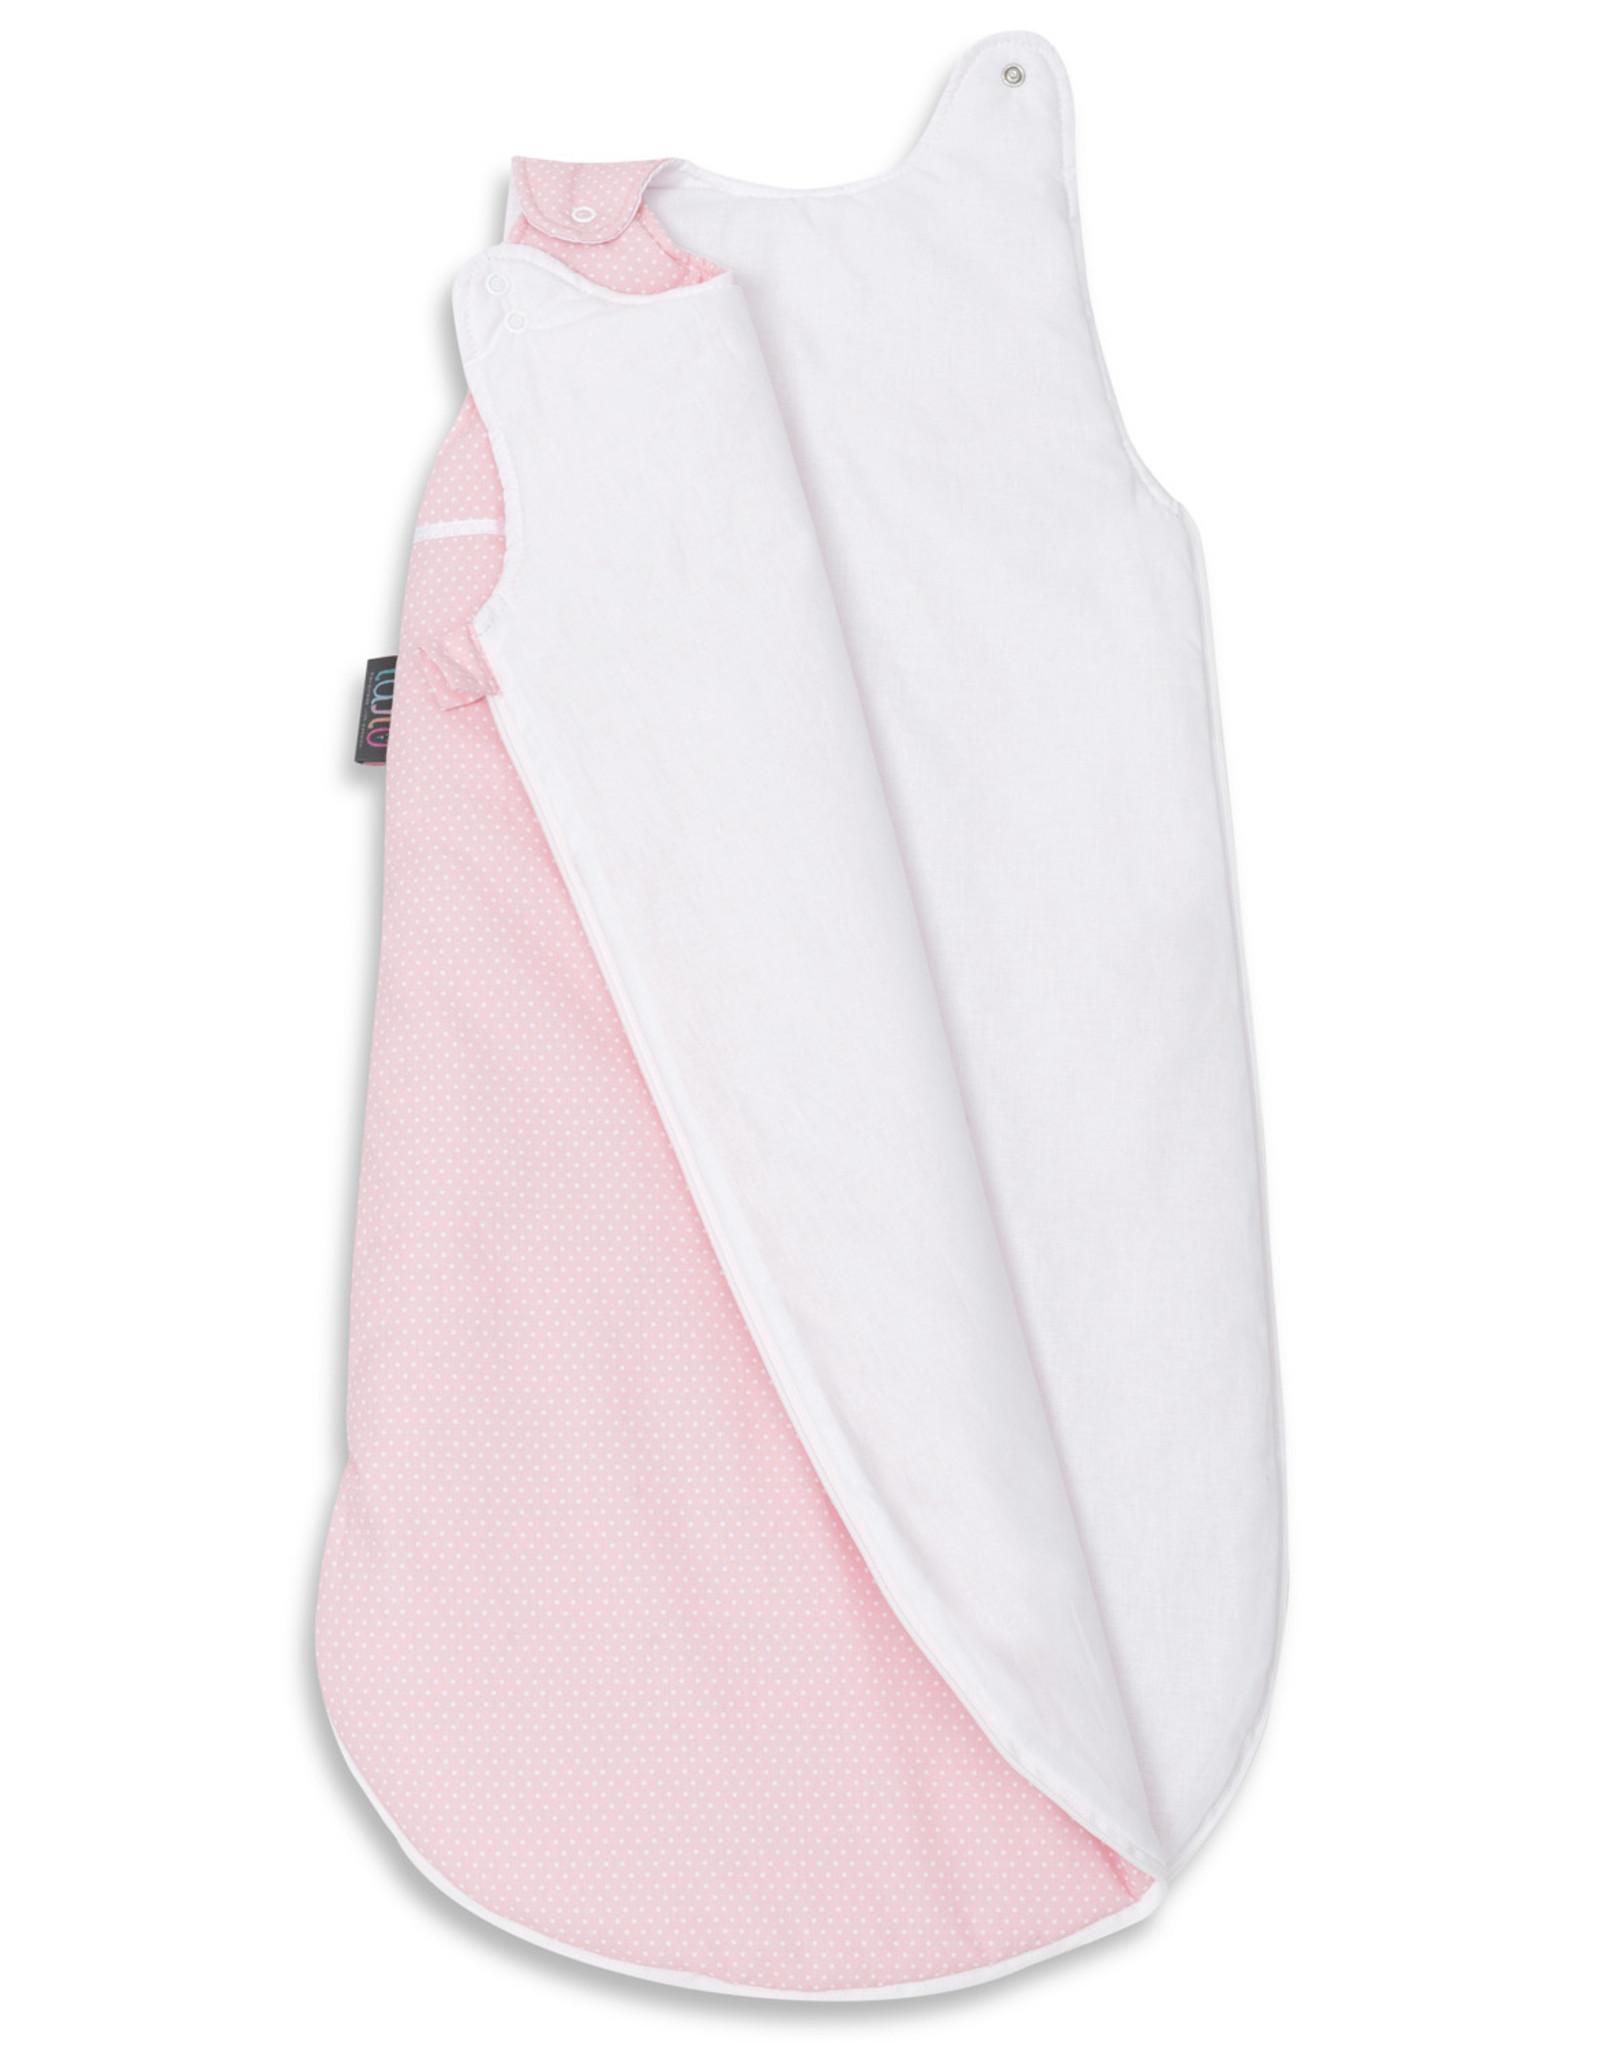 Slaapzak - Roze met witte stippen